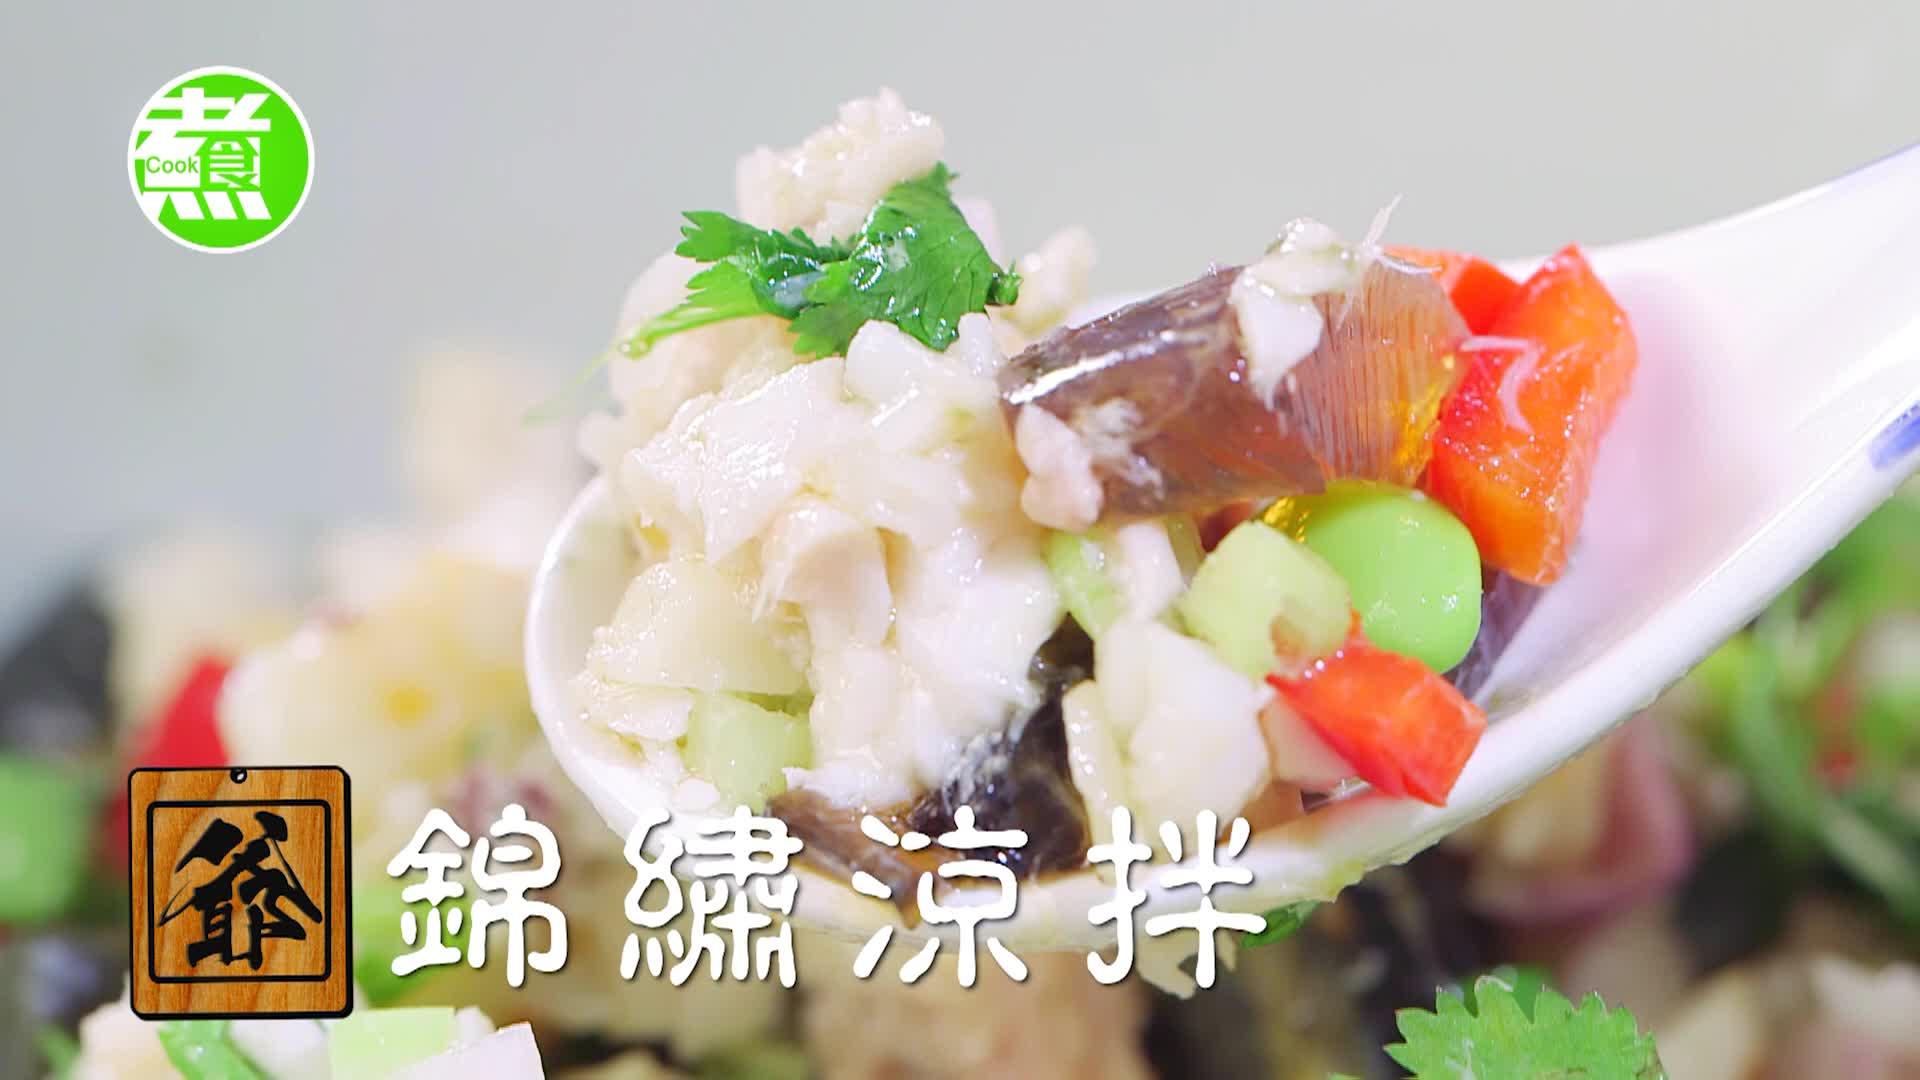 阿爺廚房_錦繡涼拌